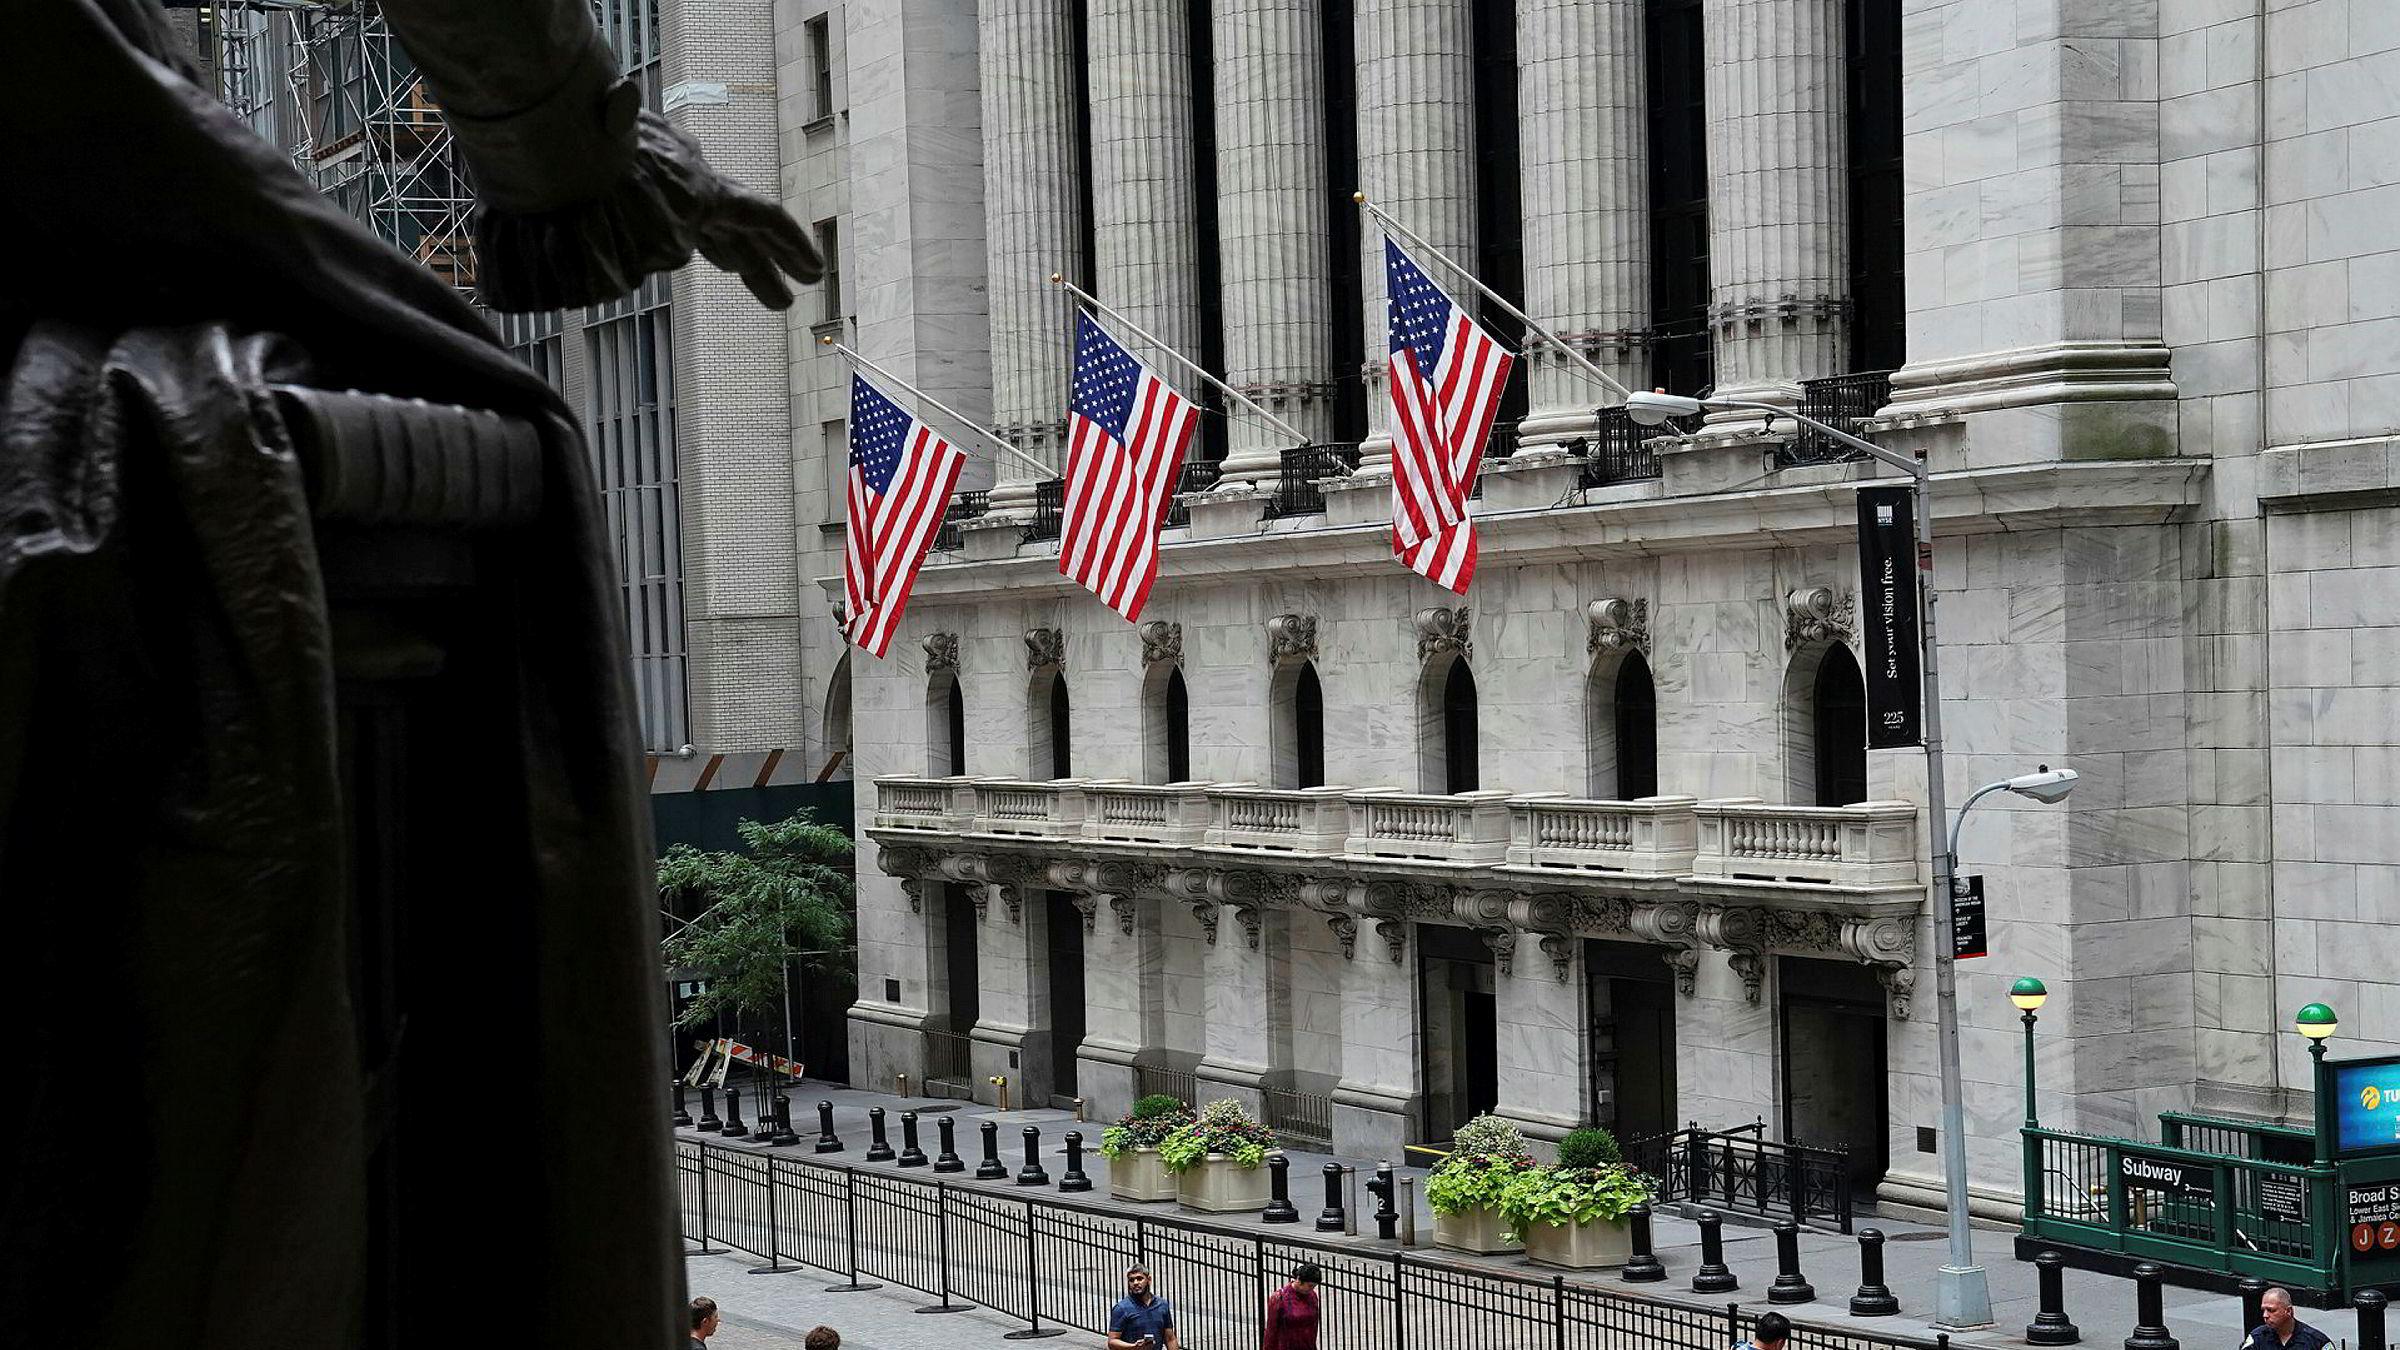 Aksjebørsen New York Stock Exchange på Wall Street i bydelen Manhattan i New York tidligere denne måneden.